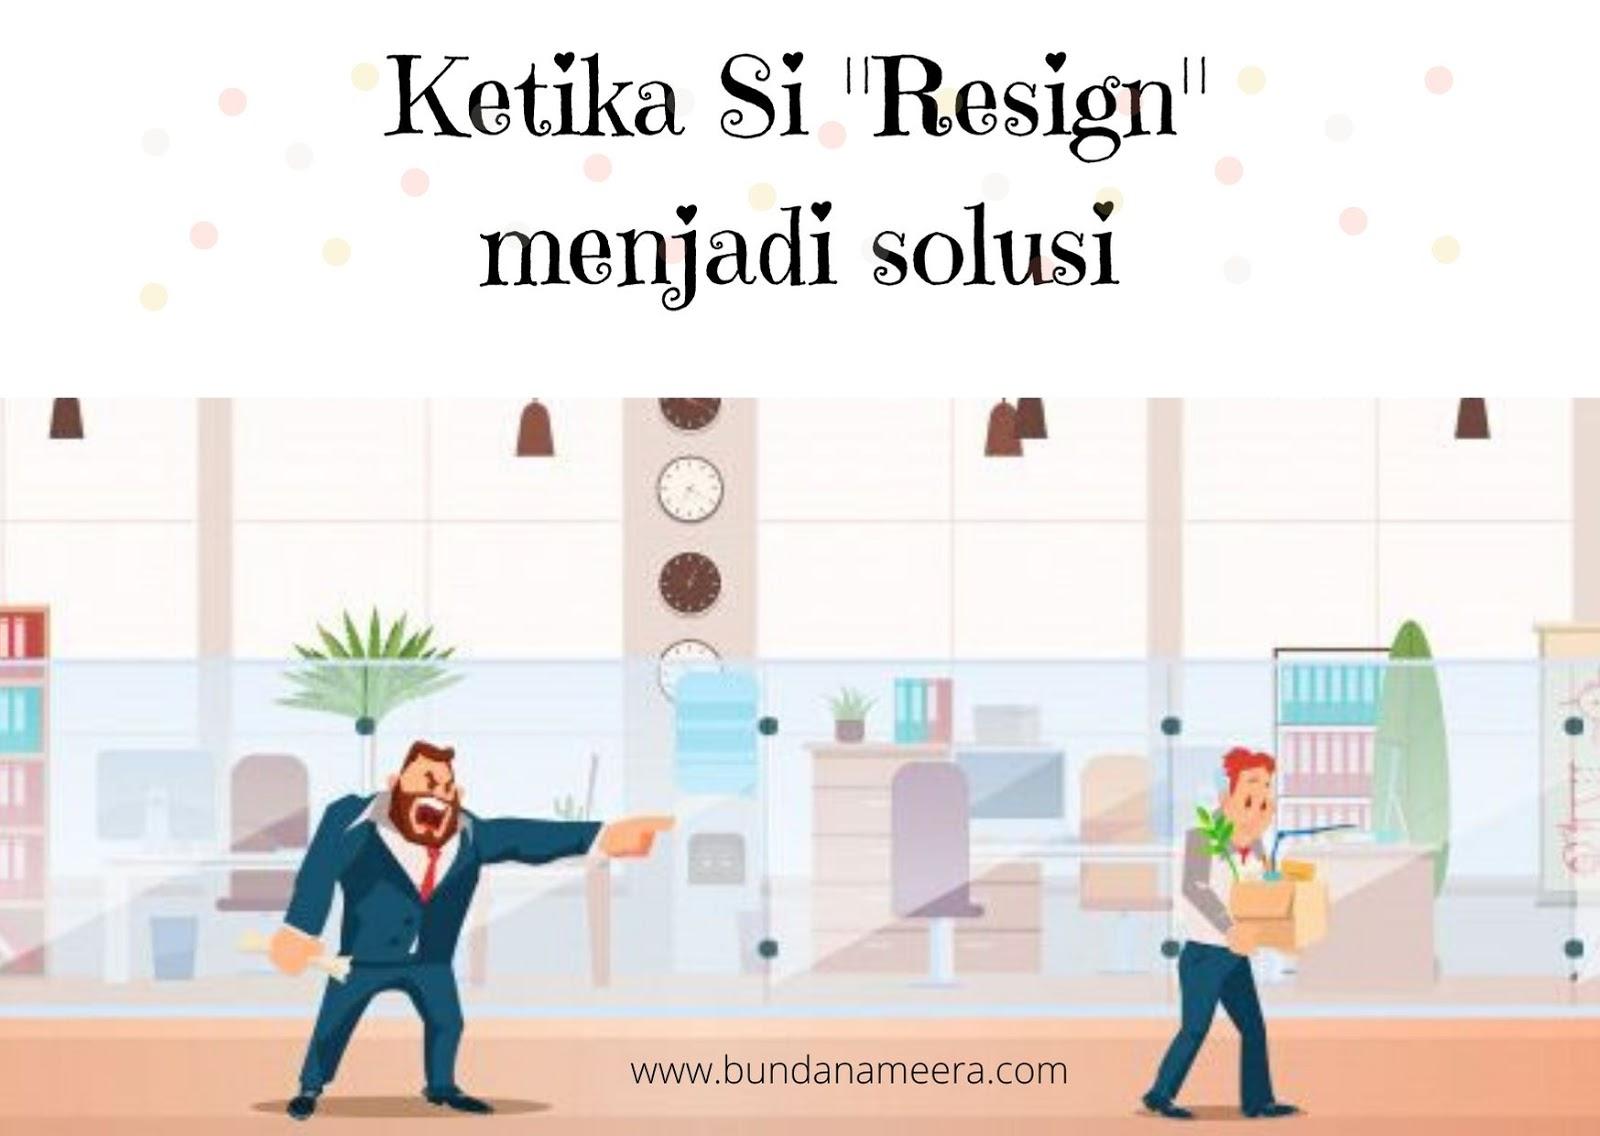 Alasan resign, benarkah resign menjadi solusi? haruskah resign?